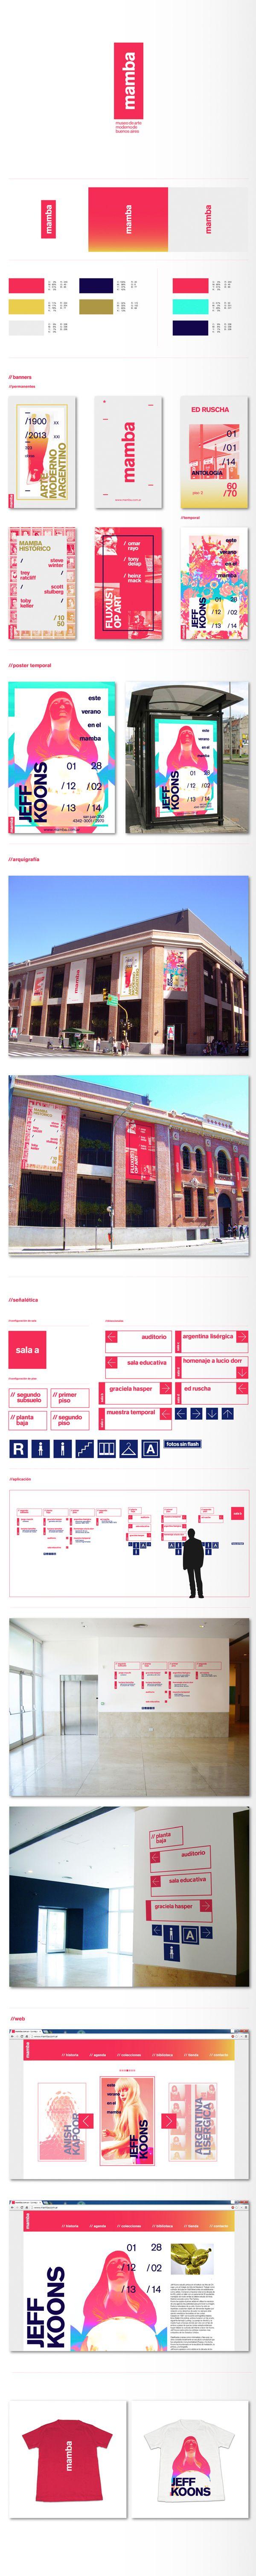 Museo de Arte Moderno de Buenos Aires | Identidad